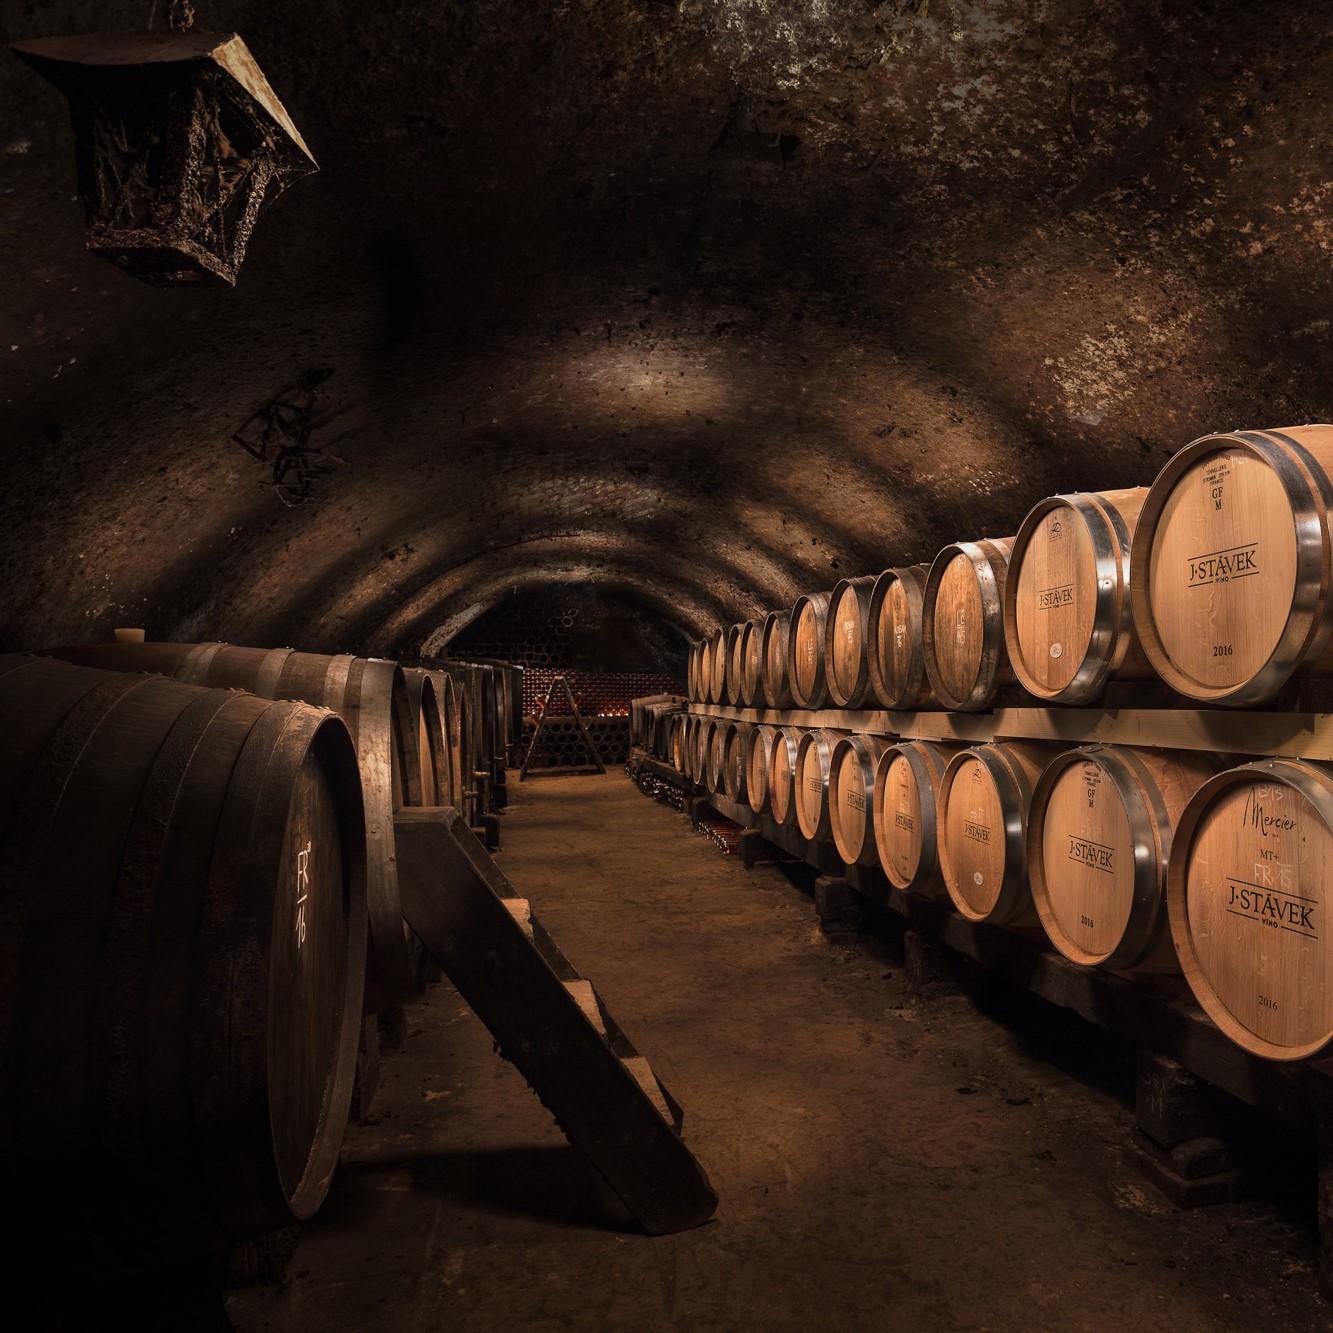 Ochutnávka svinařem: Vinařství Jan Stávek